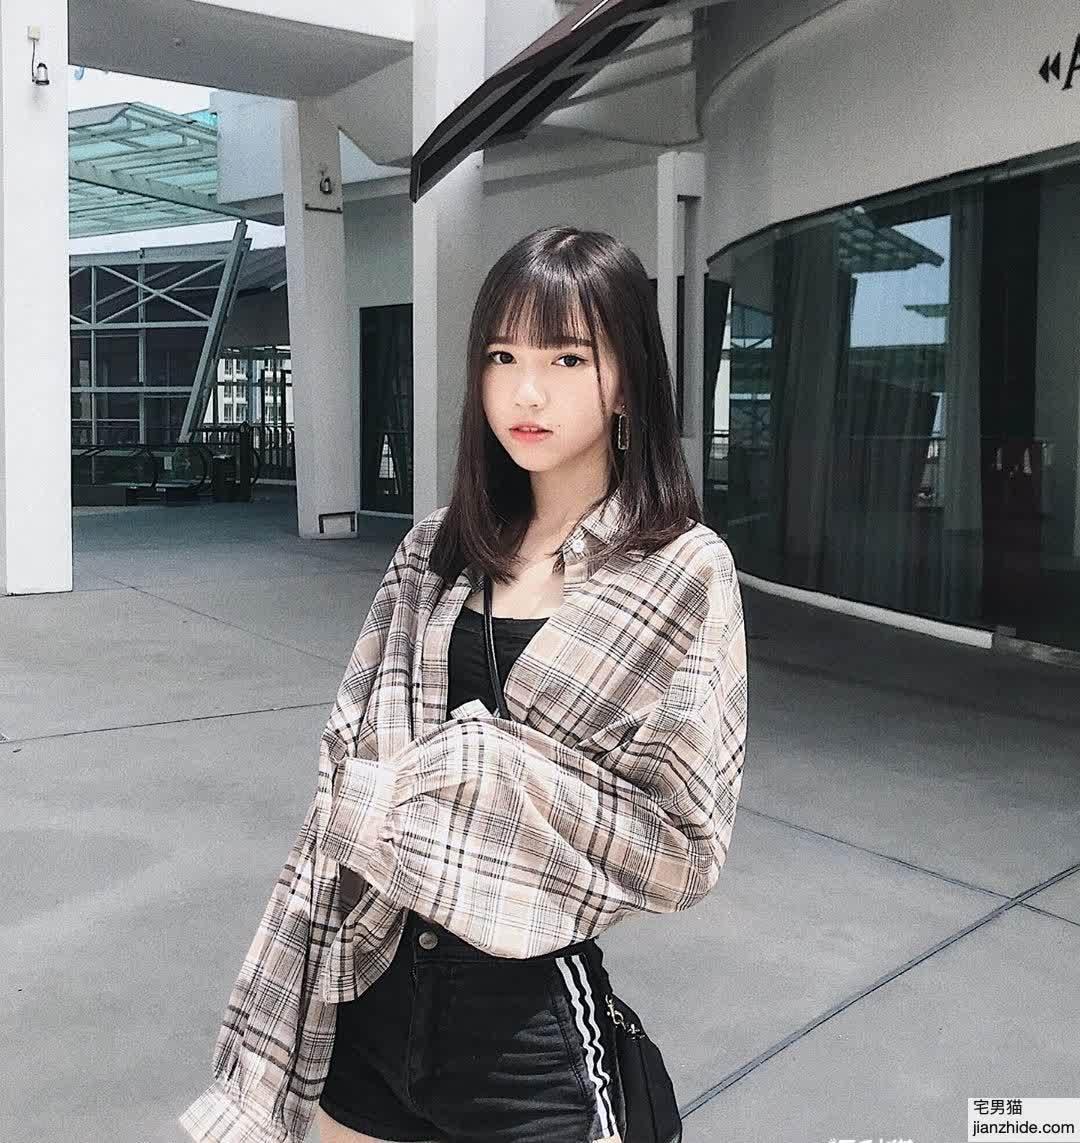 今日妹子图:马来西亚18岁学生妹Ciao Wen(巧雯)